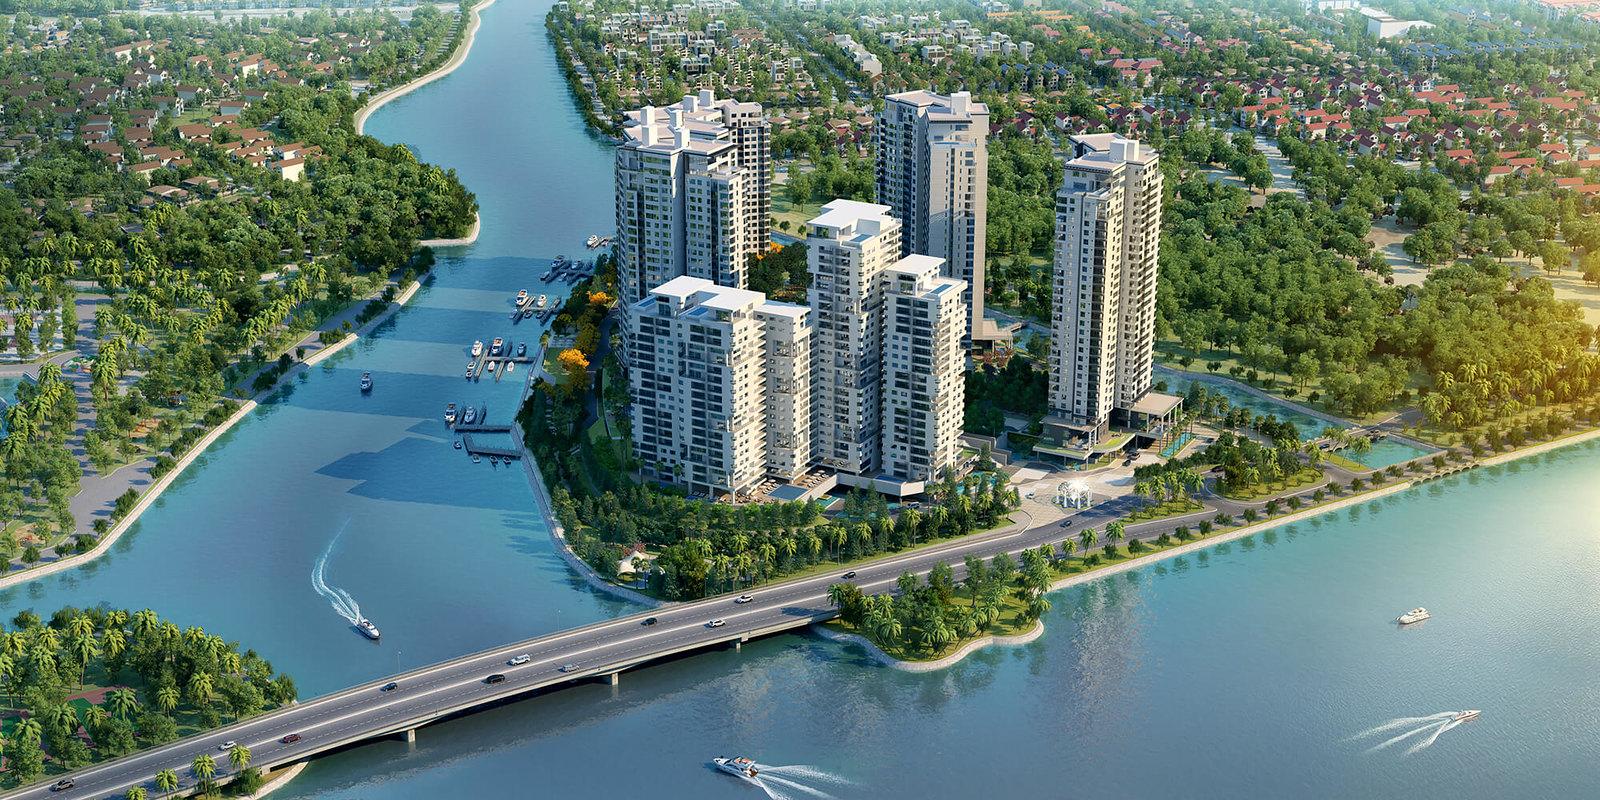 Căn hộ Diamond Island Luxury Residences có vị trí trung tâm với 3 mặt giáp sông, mật độ xây dựng thấp giúp không gian luôn thoáng đãng và mát mẻ quanh năm